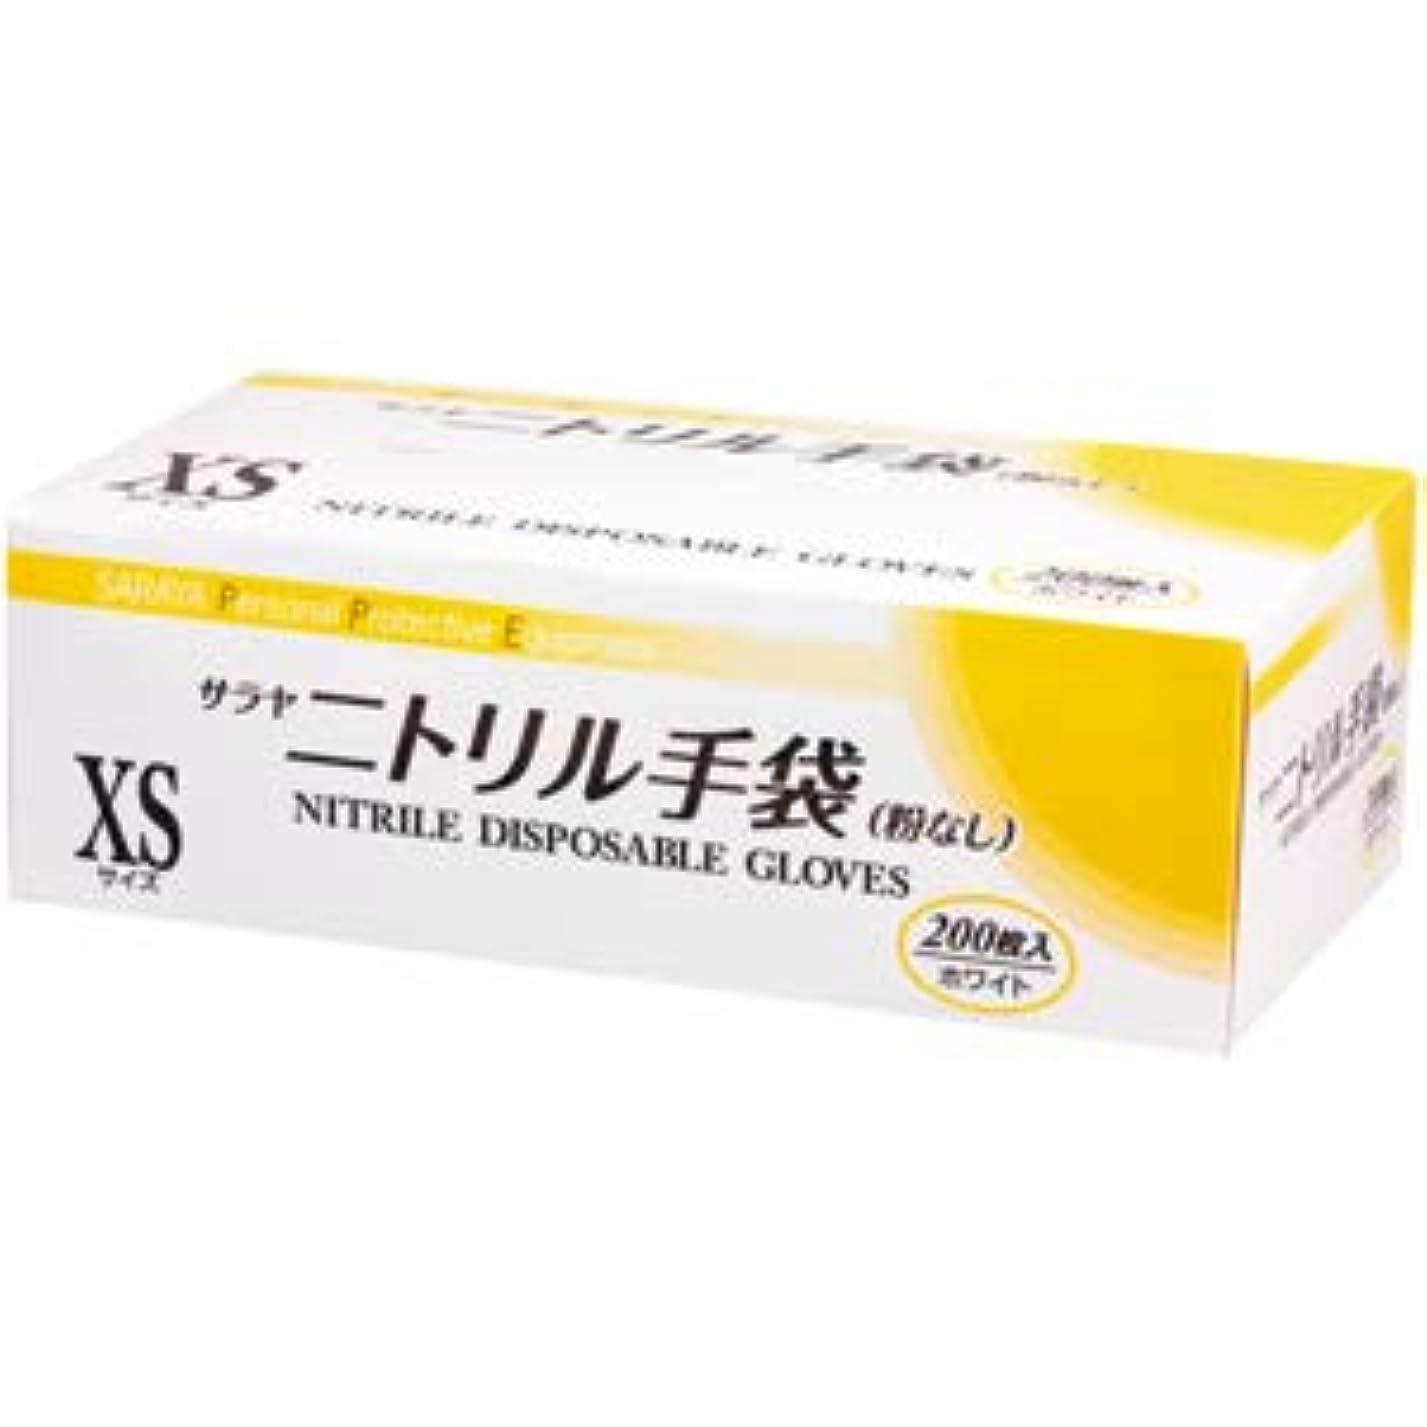 検体かび臭い動力学サラヤ ニトリル手袋 ホワイト XS 200枚×10箱 51073